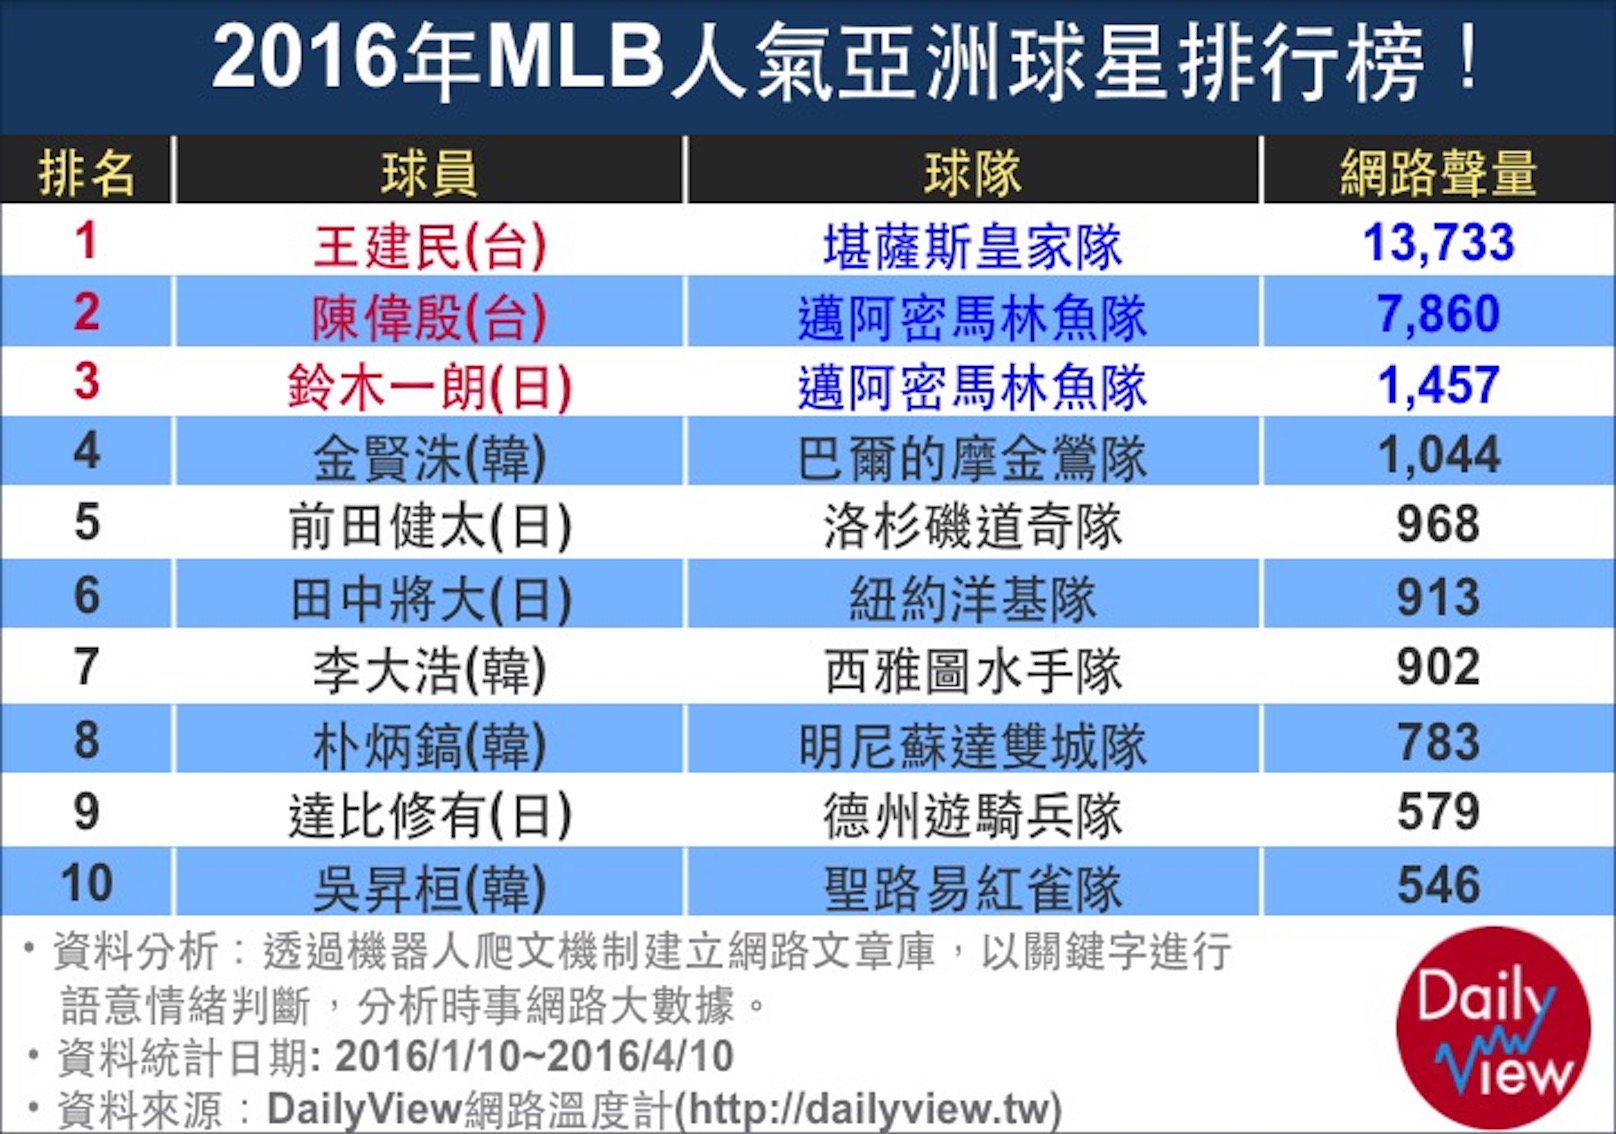 2016年MLB人氣亞洲球星排行